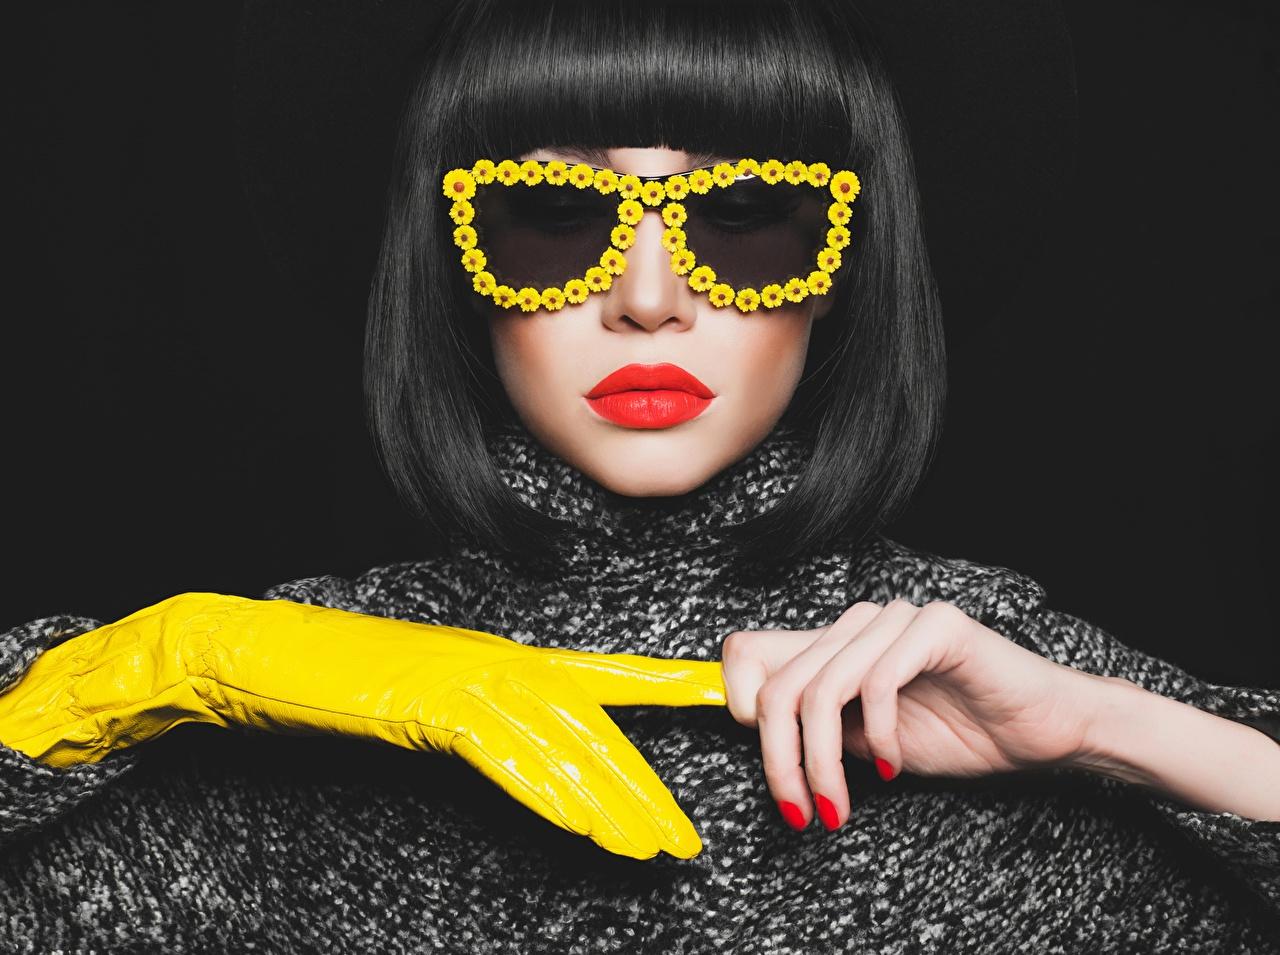 Обои для рабочего стола маникюра перчатках прически Девушки Руки очках Черный фон Красные губы Маникюр Перчатки Причёска девушка молодые женщины молодая женщина рука Очки очков на черном фоне красными губами